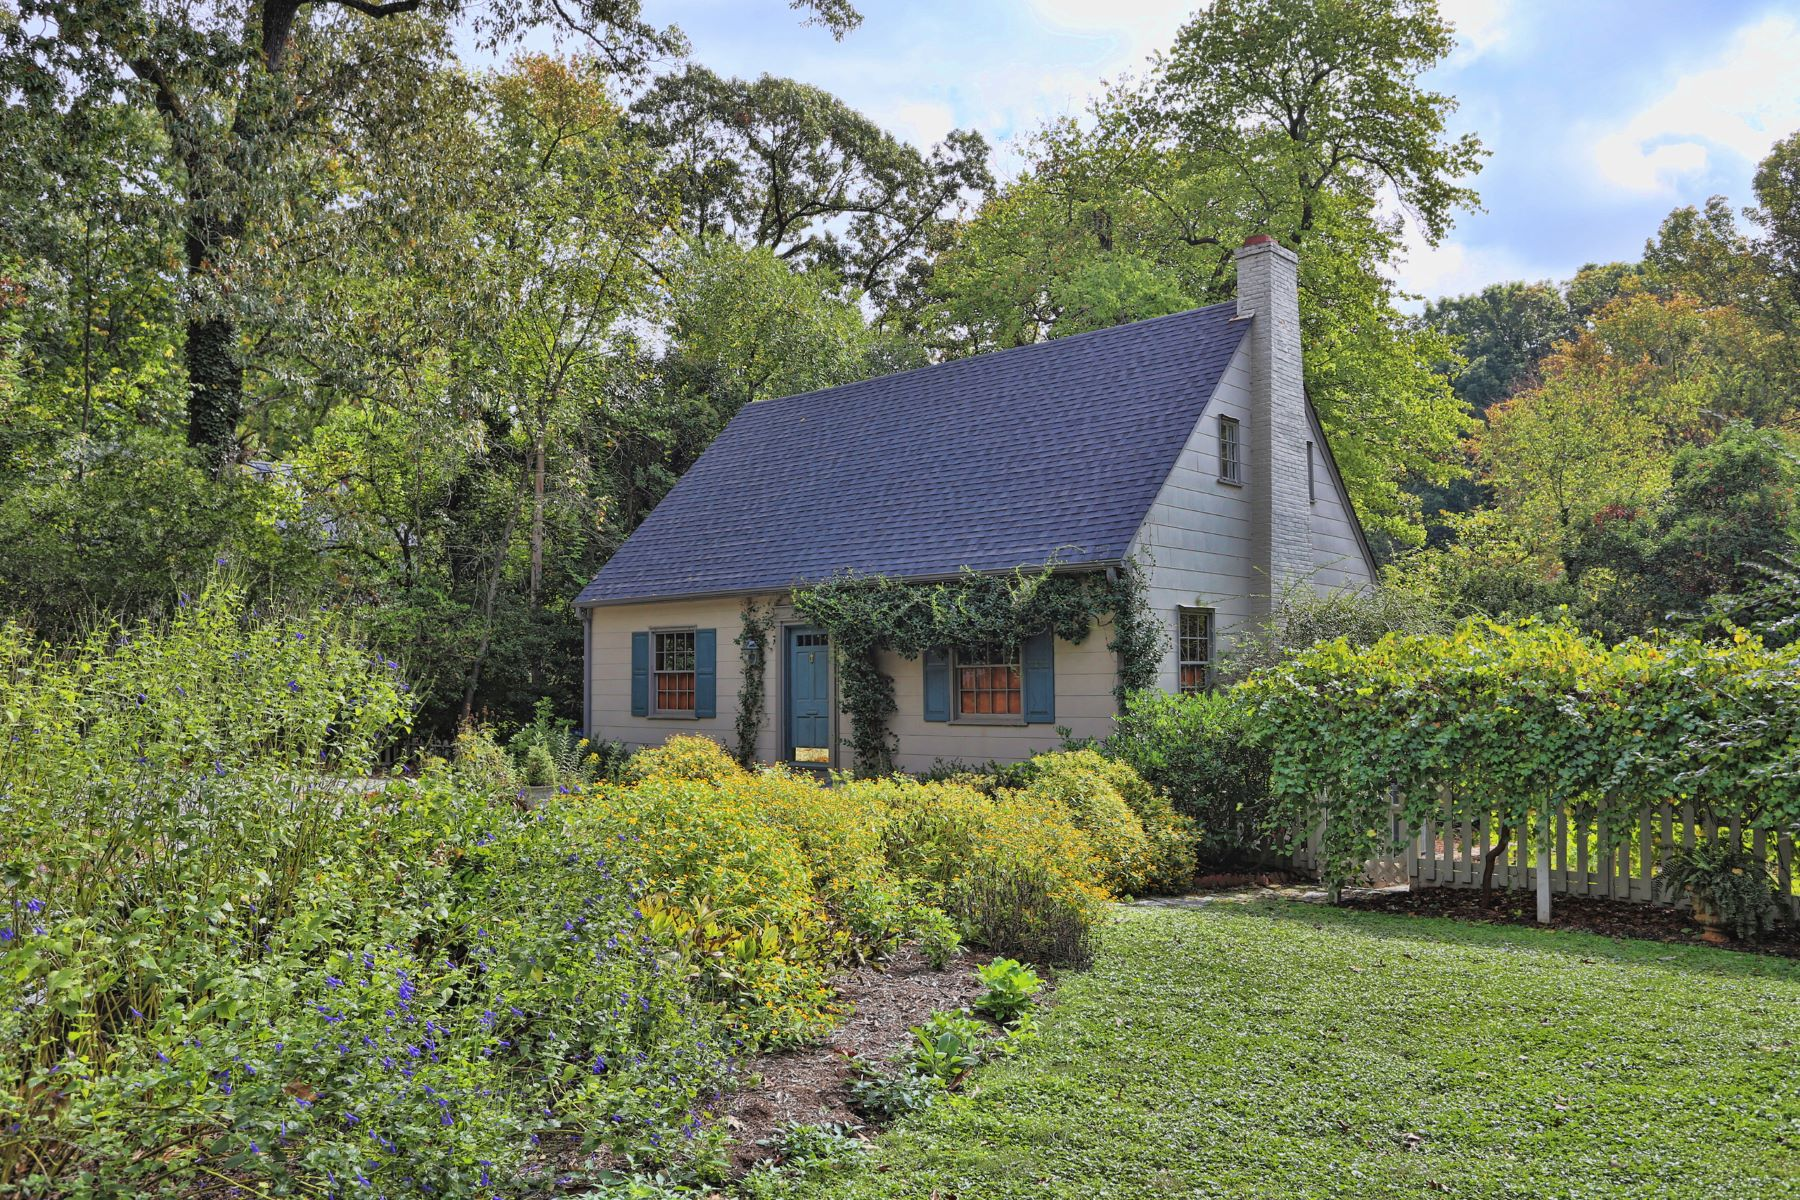 단독 가정 주택 용 매매 에 Charming Cottage Close to UNC Campus 305 West University Drive, Chapel Hill, 노스캐놀라이나, 27516 미국에서/약: Cary, Raleigh, Durham